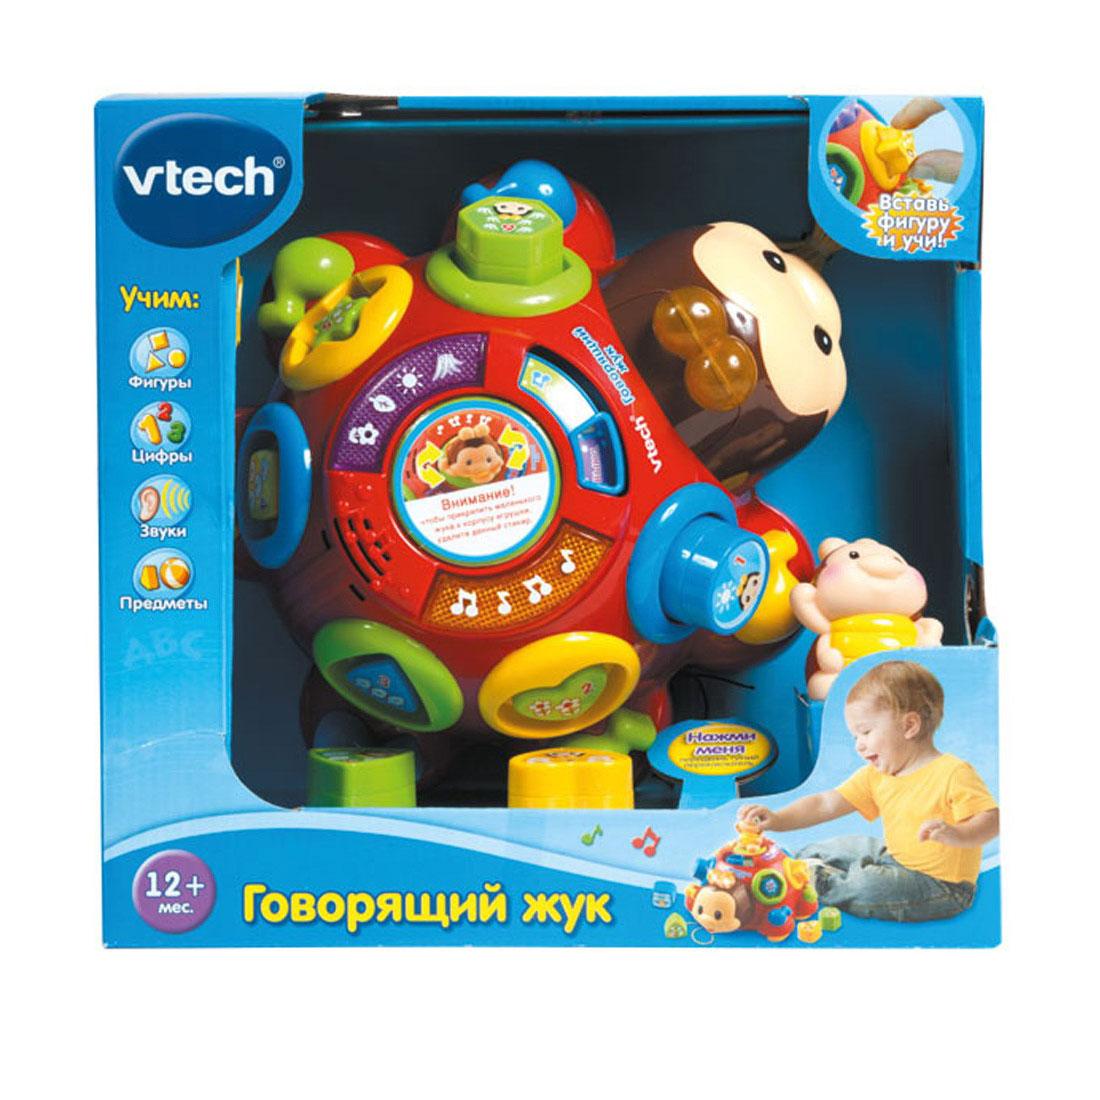 Развивающая игрушка Vtech Говорящий Жук